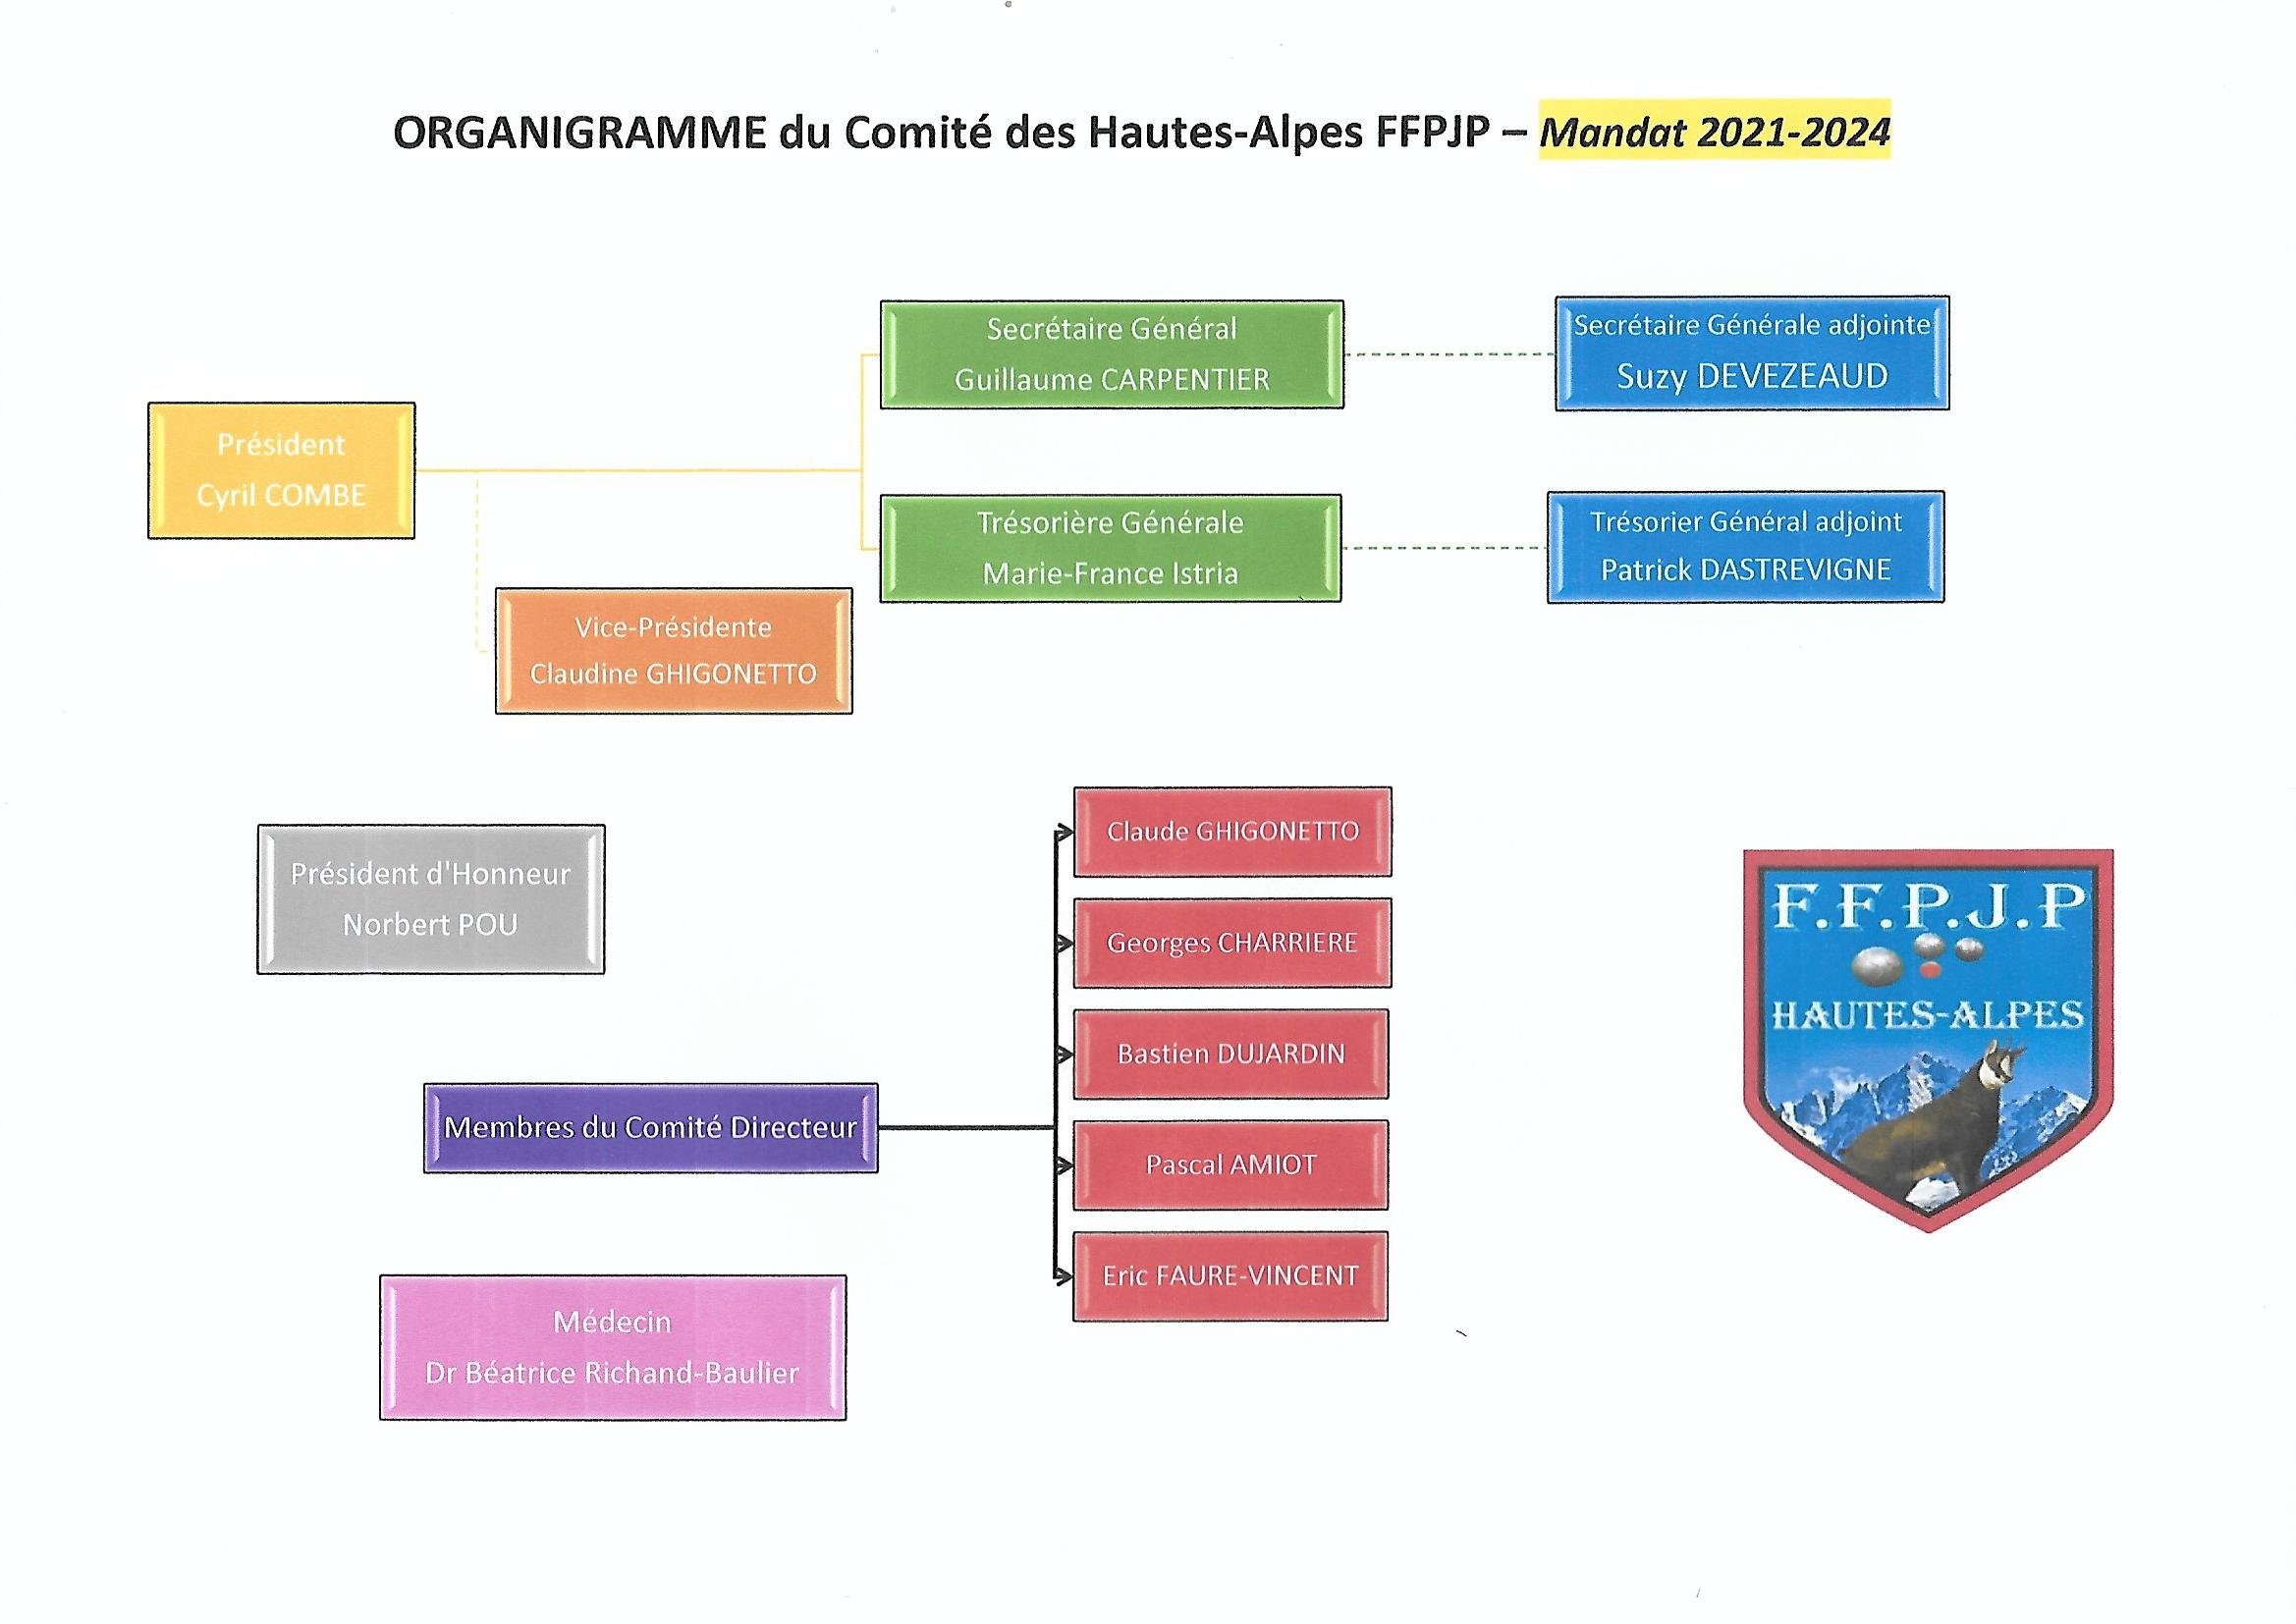 Organigramme et Composition des Commissions du Comité Départemental des Hautes-Alpes FFPJP mandat 2021-2024